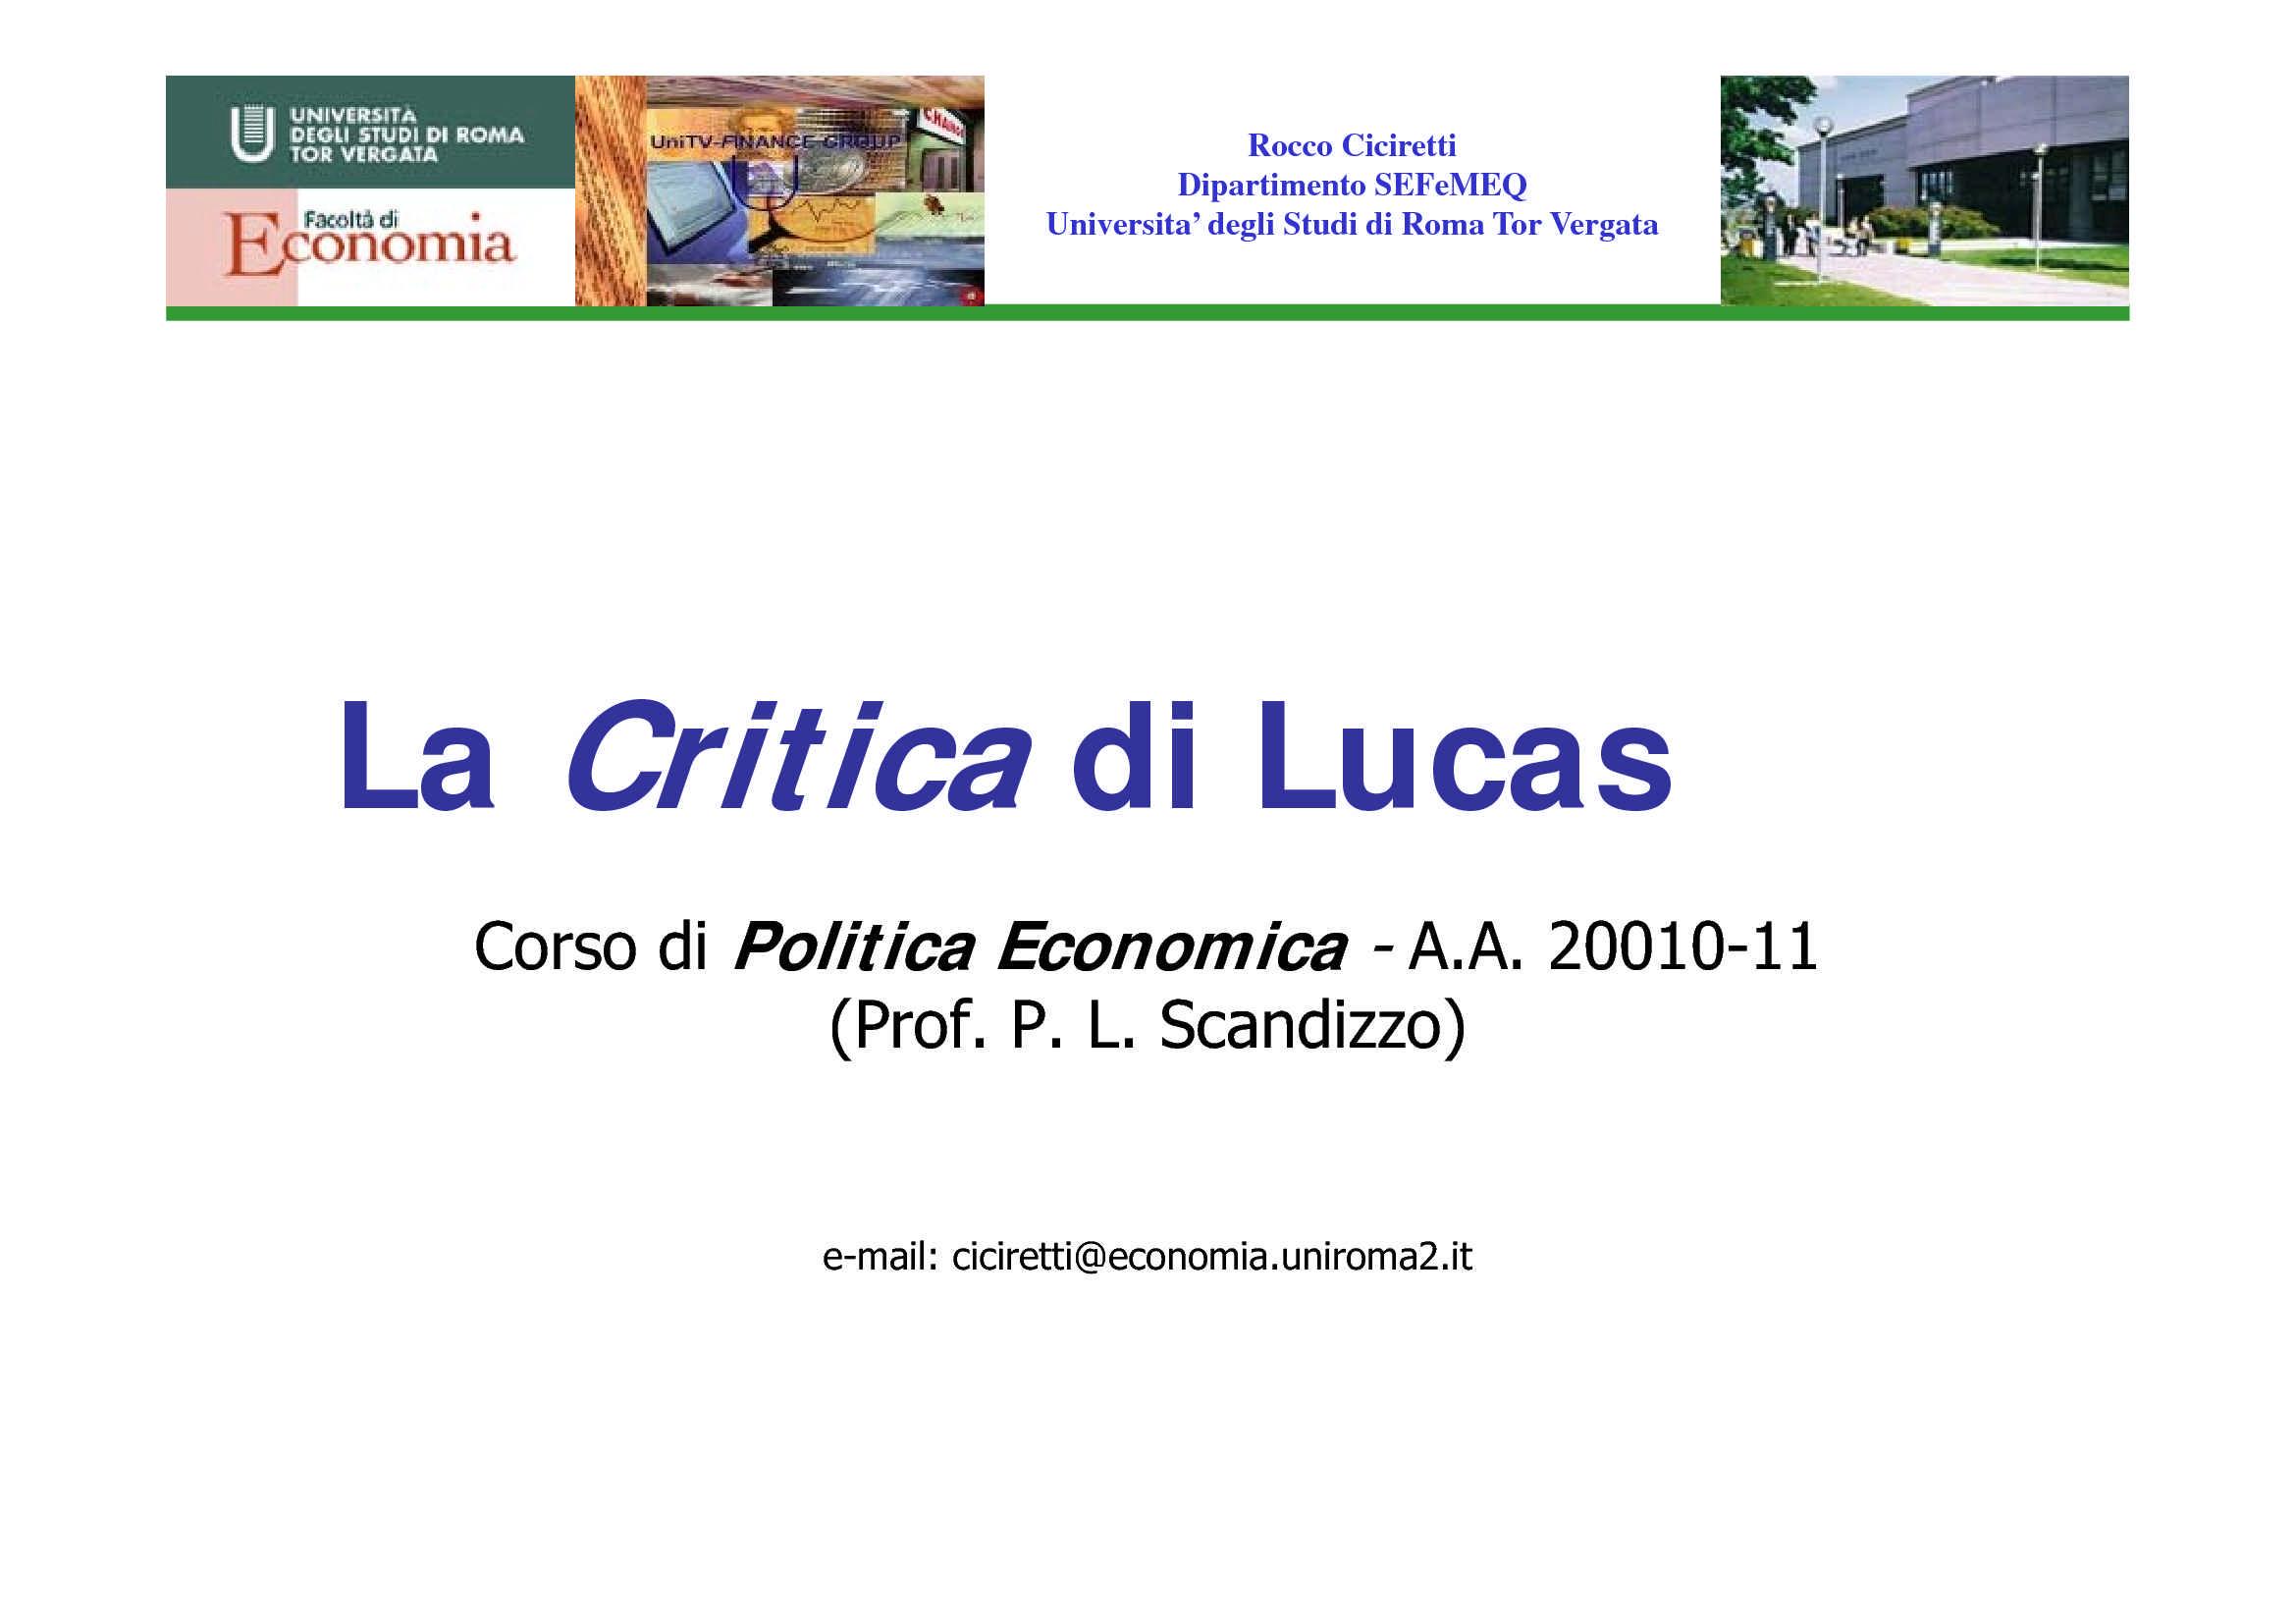 Critica di Lucas